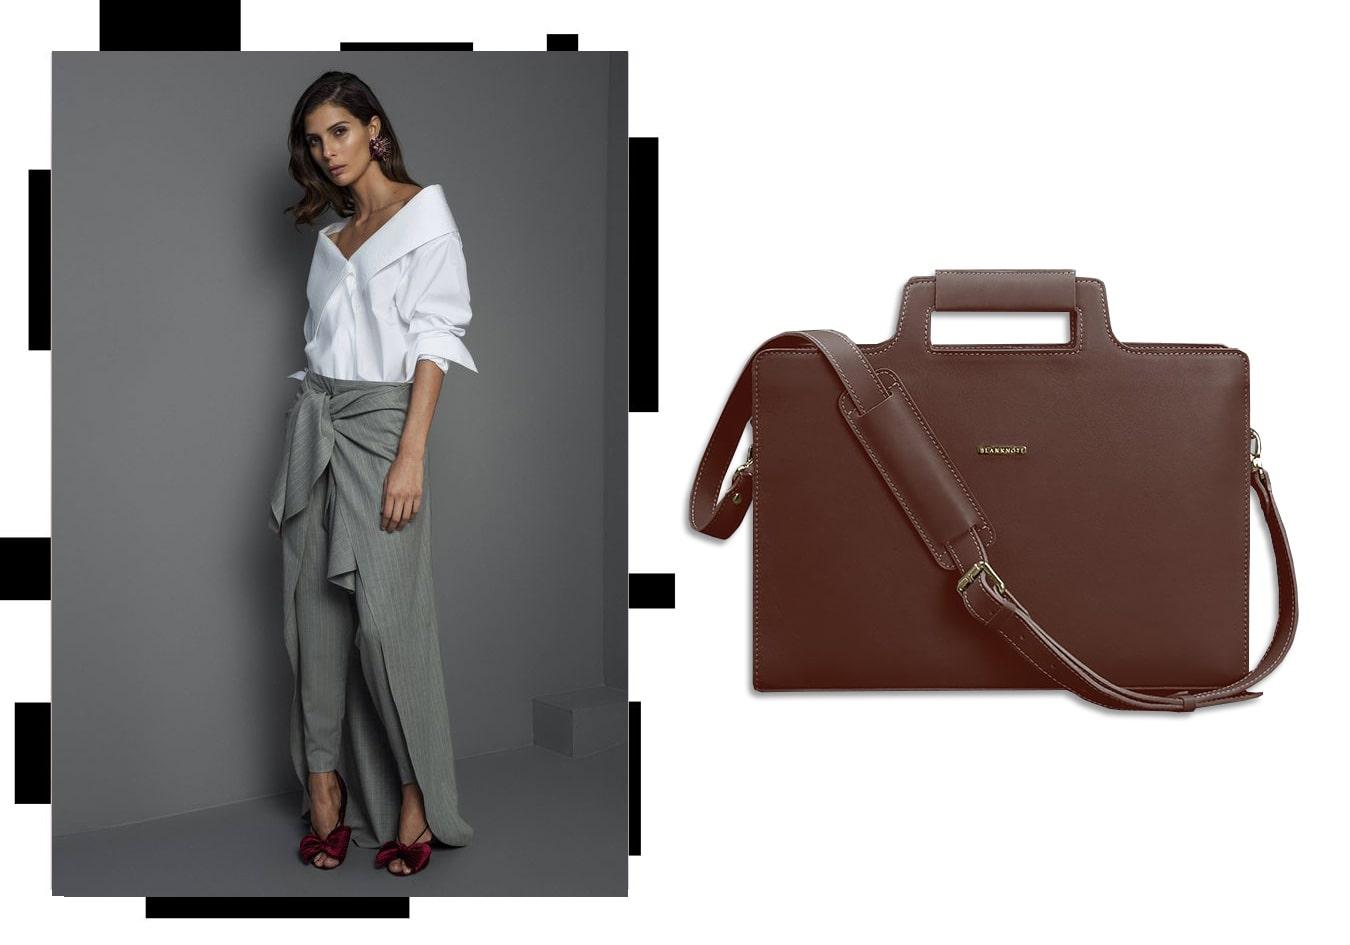 Женская сумка для ноутбука и документов виноград - бордовая - BN-BAG-36-vin